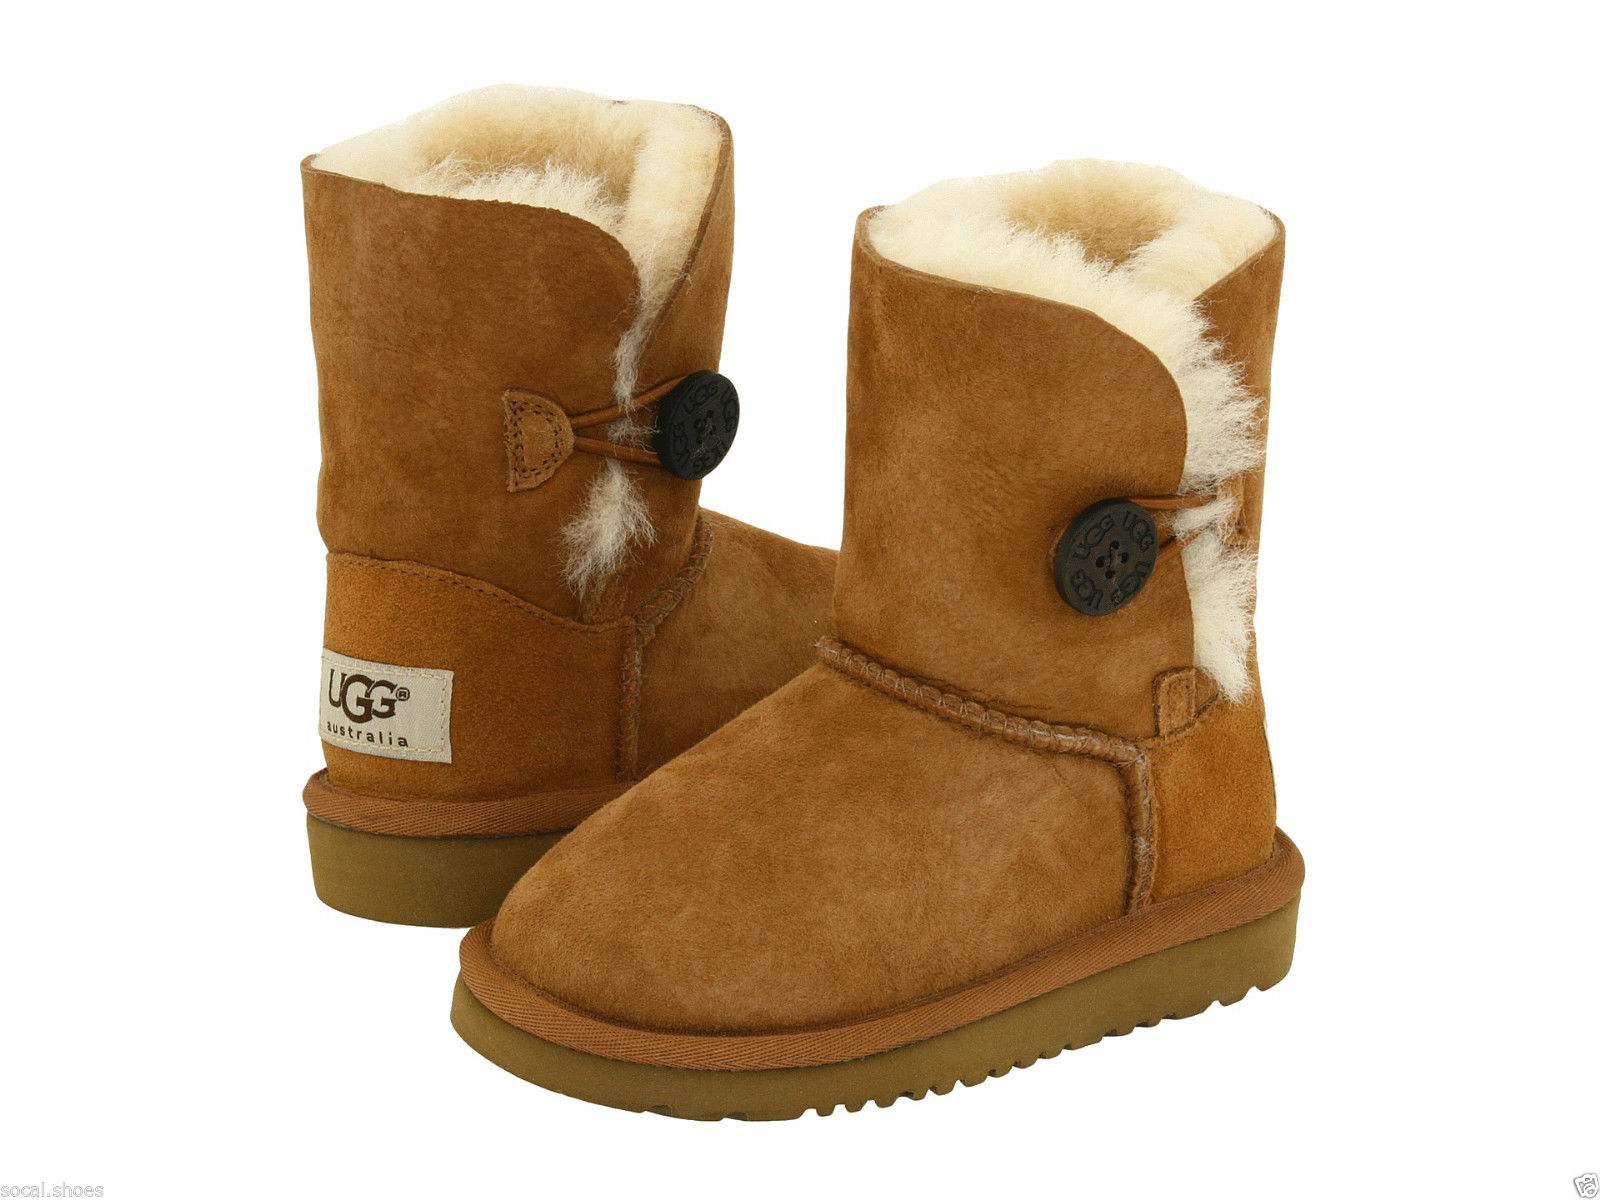 处理库存雪地靴 库存雪地靴收购 东莞哪里收购库存靴子